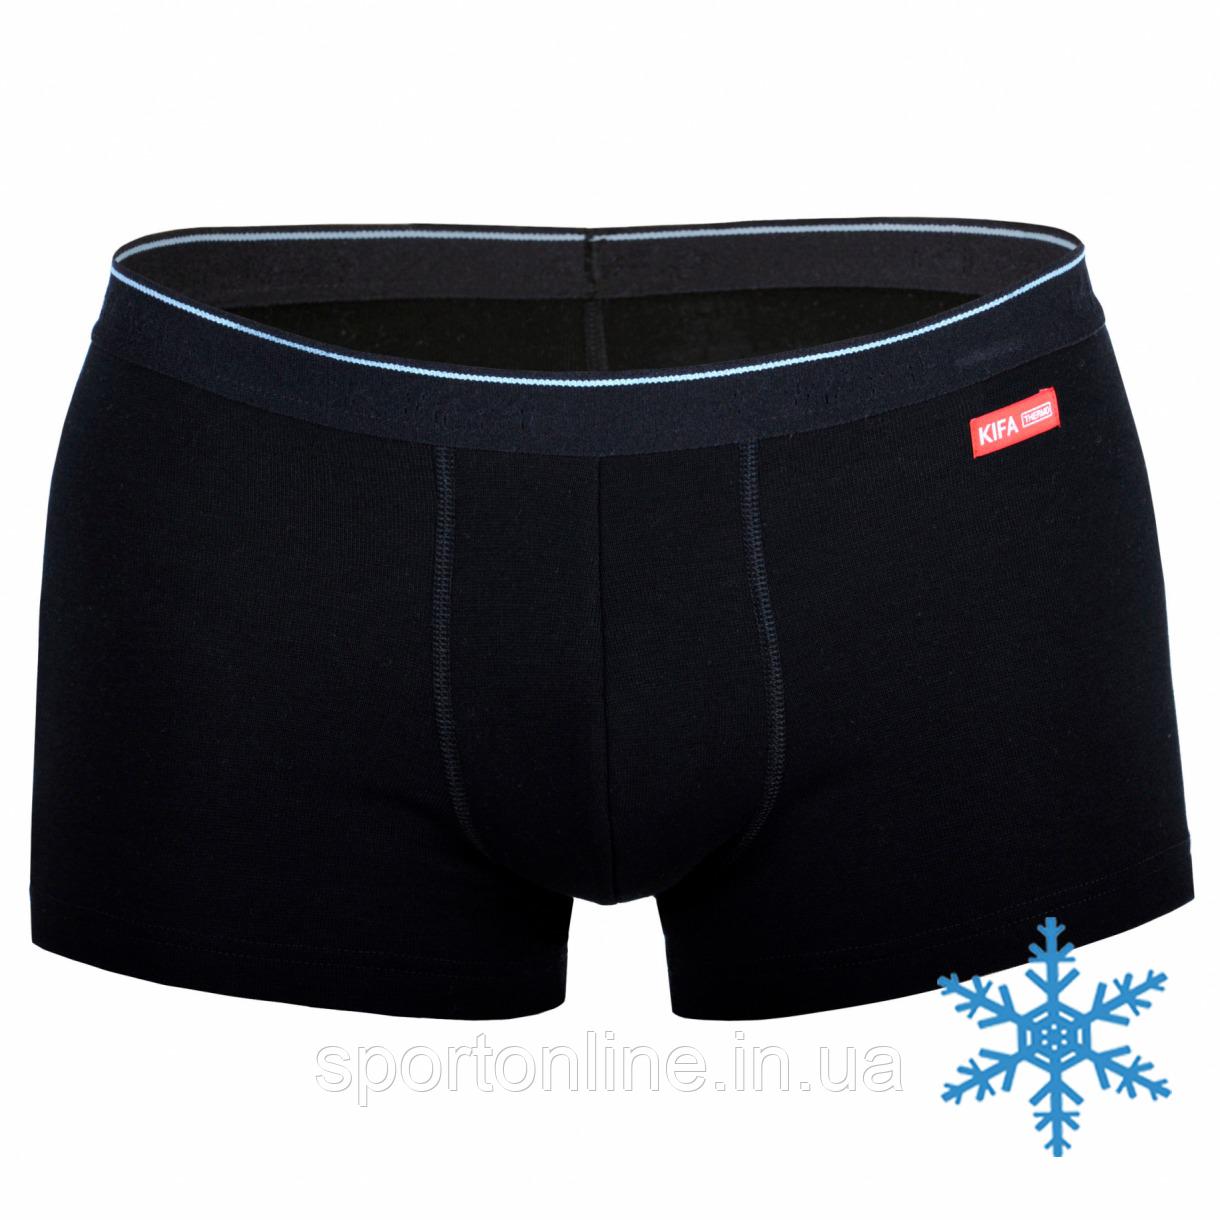 Термотрусы чоловічі Кифа (Kifa) VORTEX Active Comfort ТМ-637, чорні, теплі S